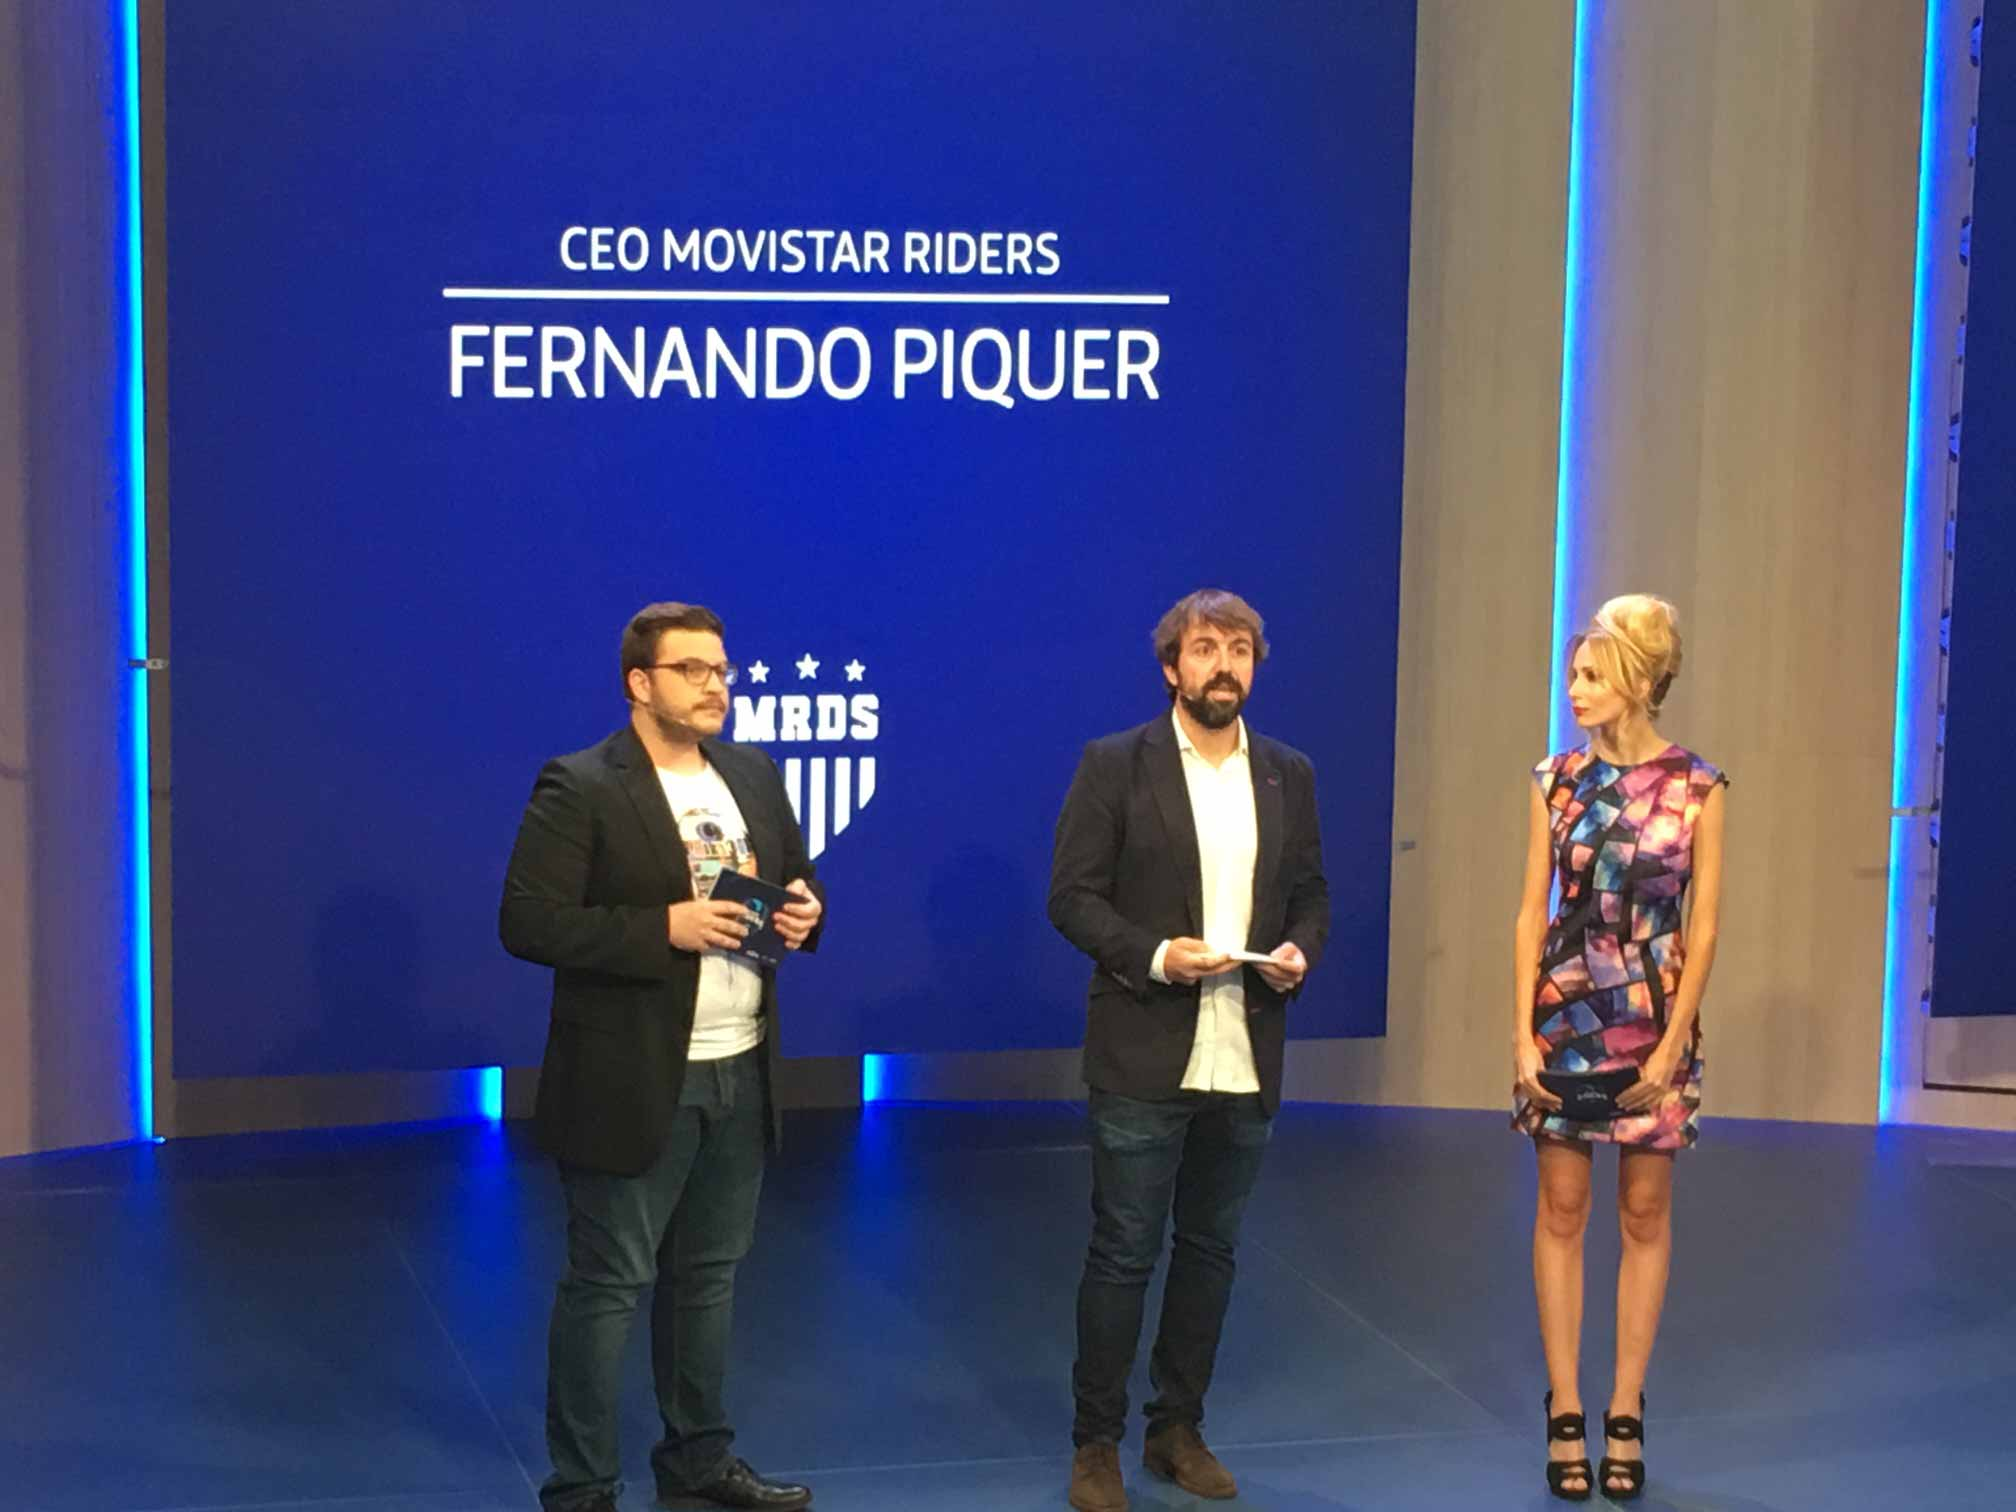 Fernando Piquer Movistar Riders